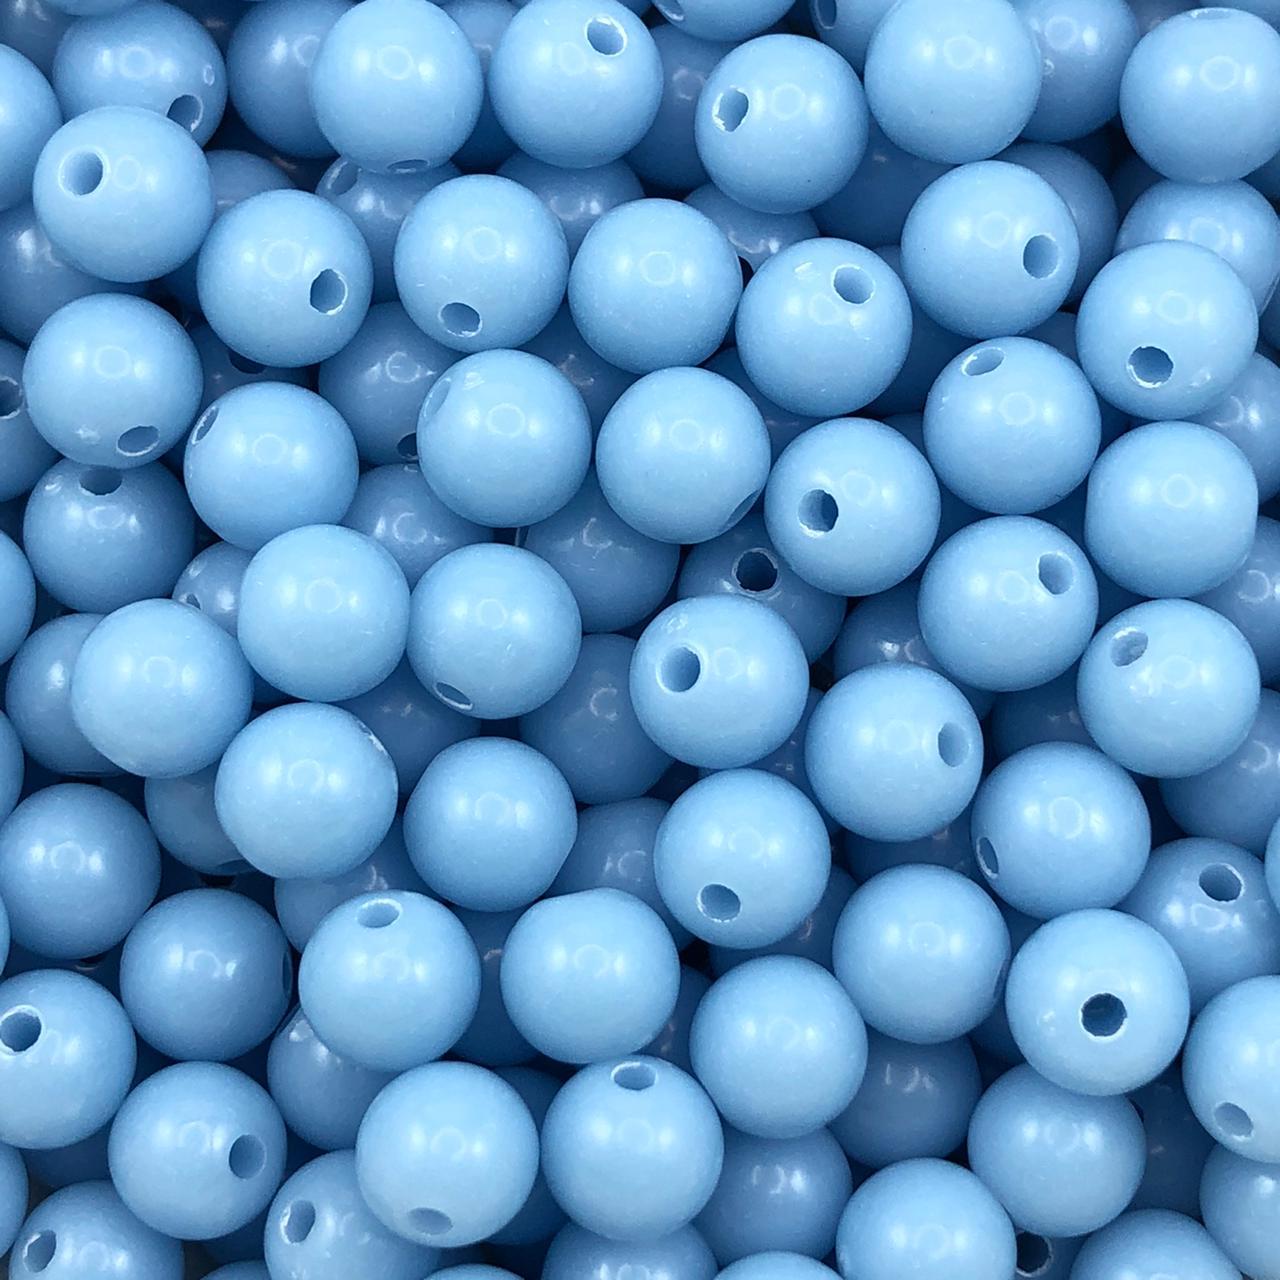 BOL658- Bola Plástica Azul 8mm - 20Grs